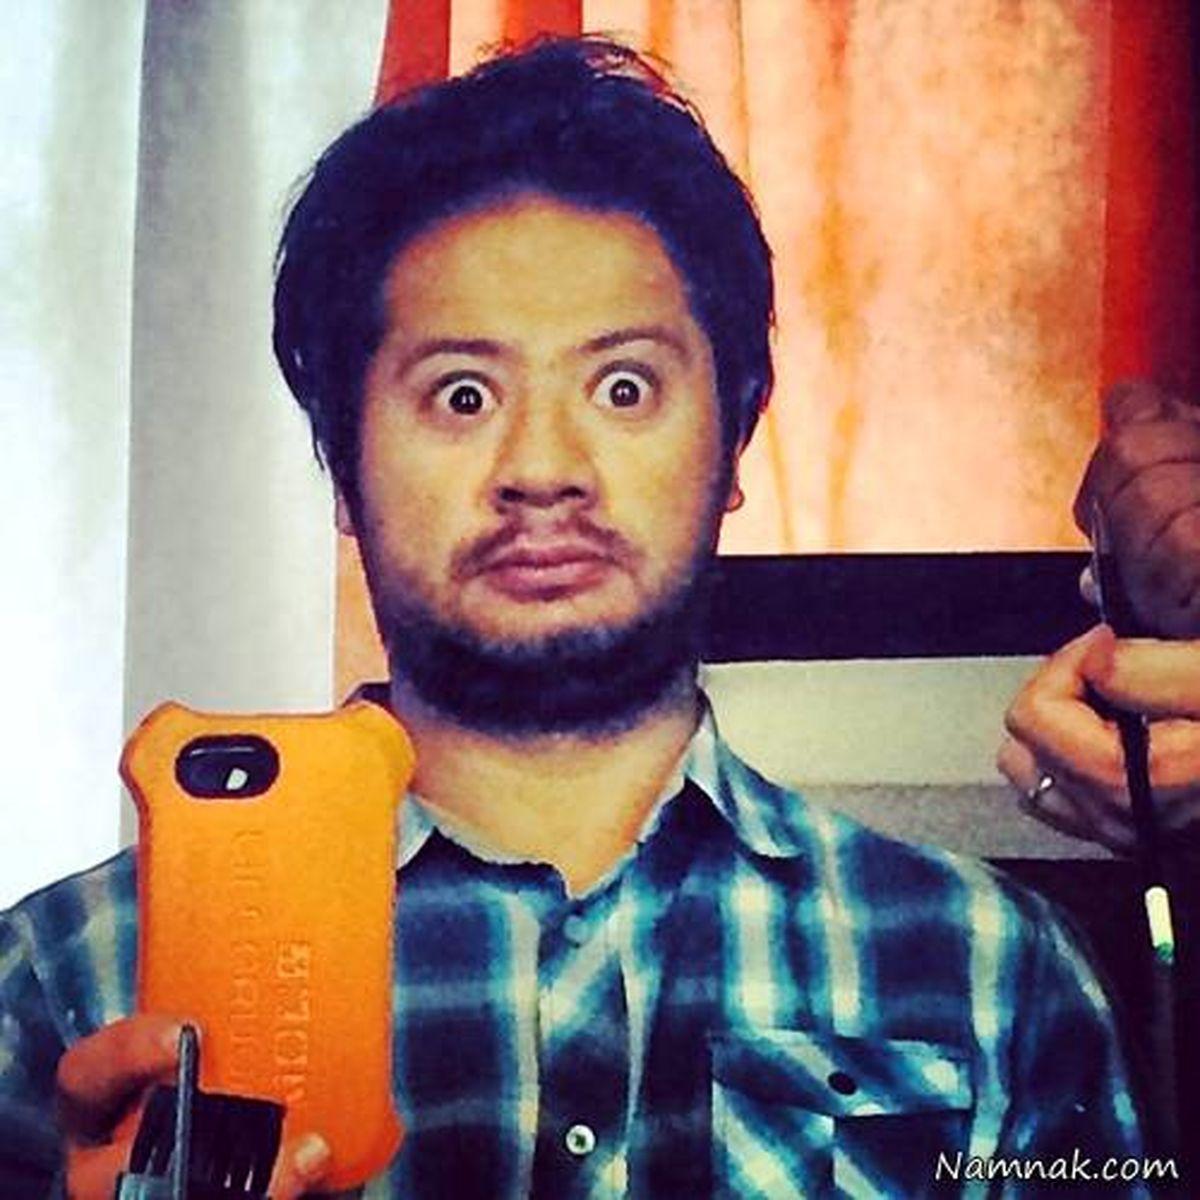 وقتی علی صادقی تو دستشویی گیر می کند + ویدئو جنجالی